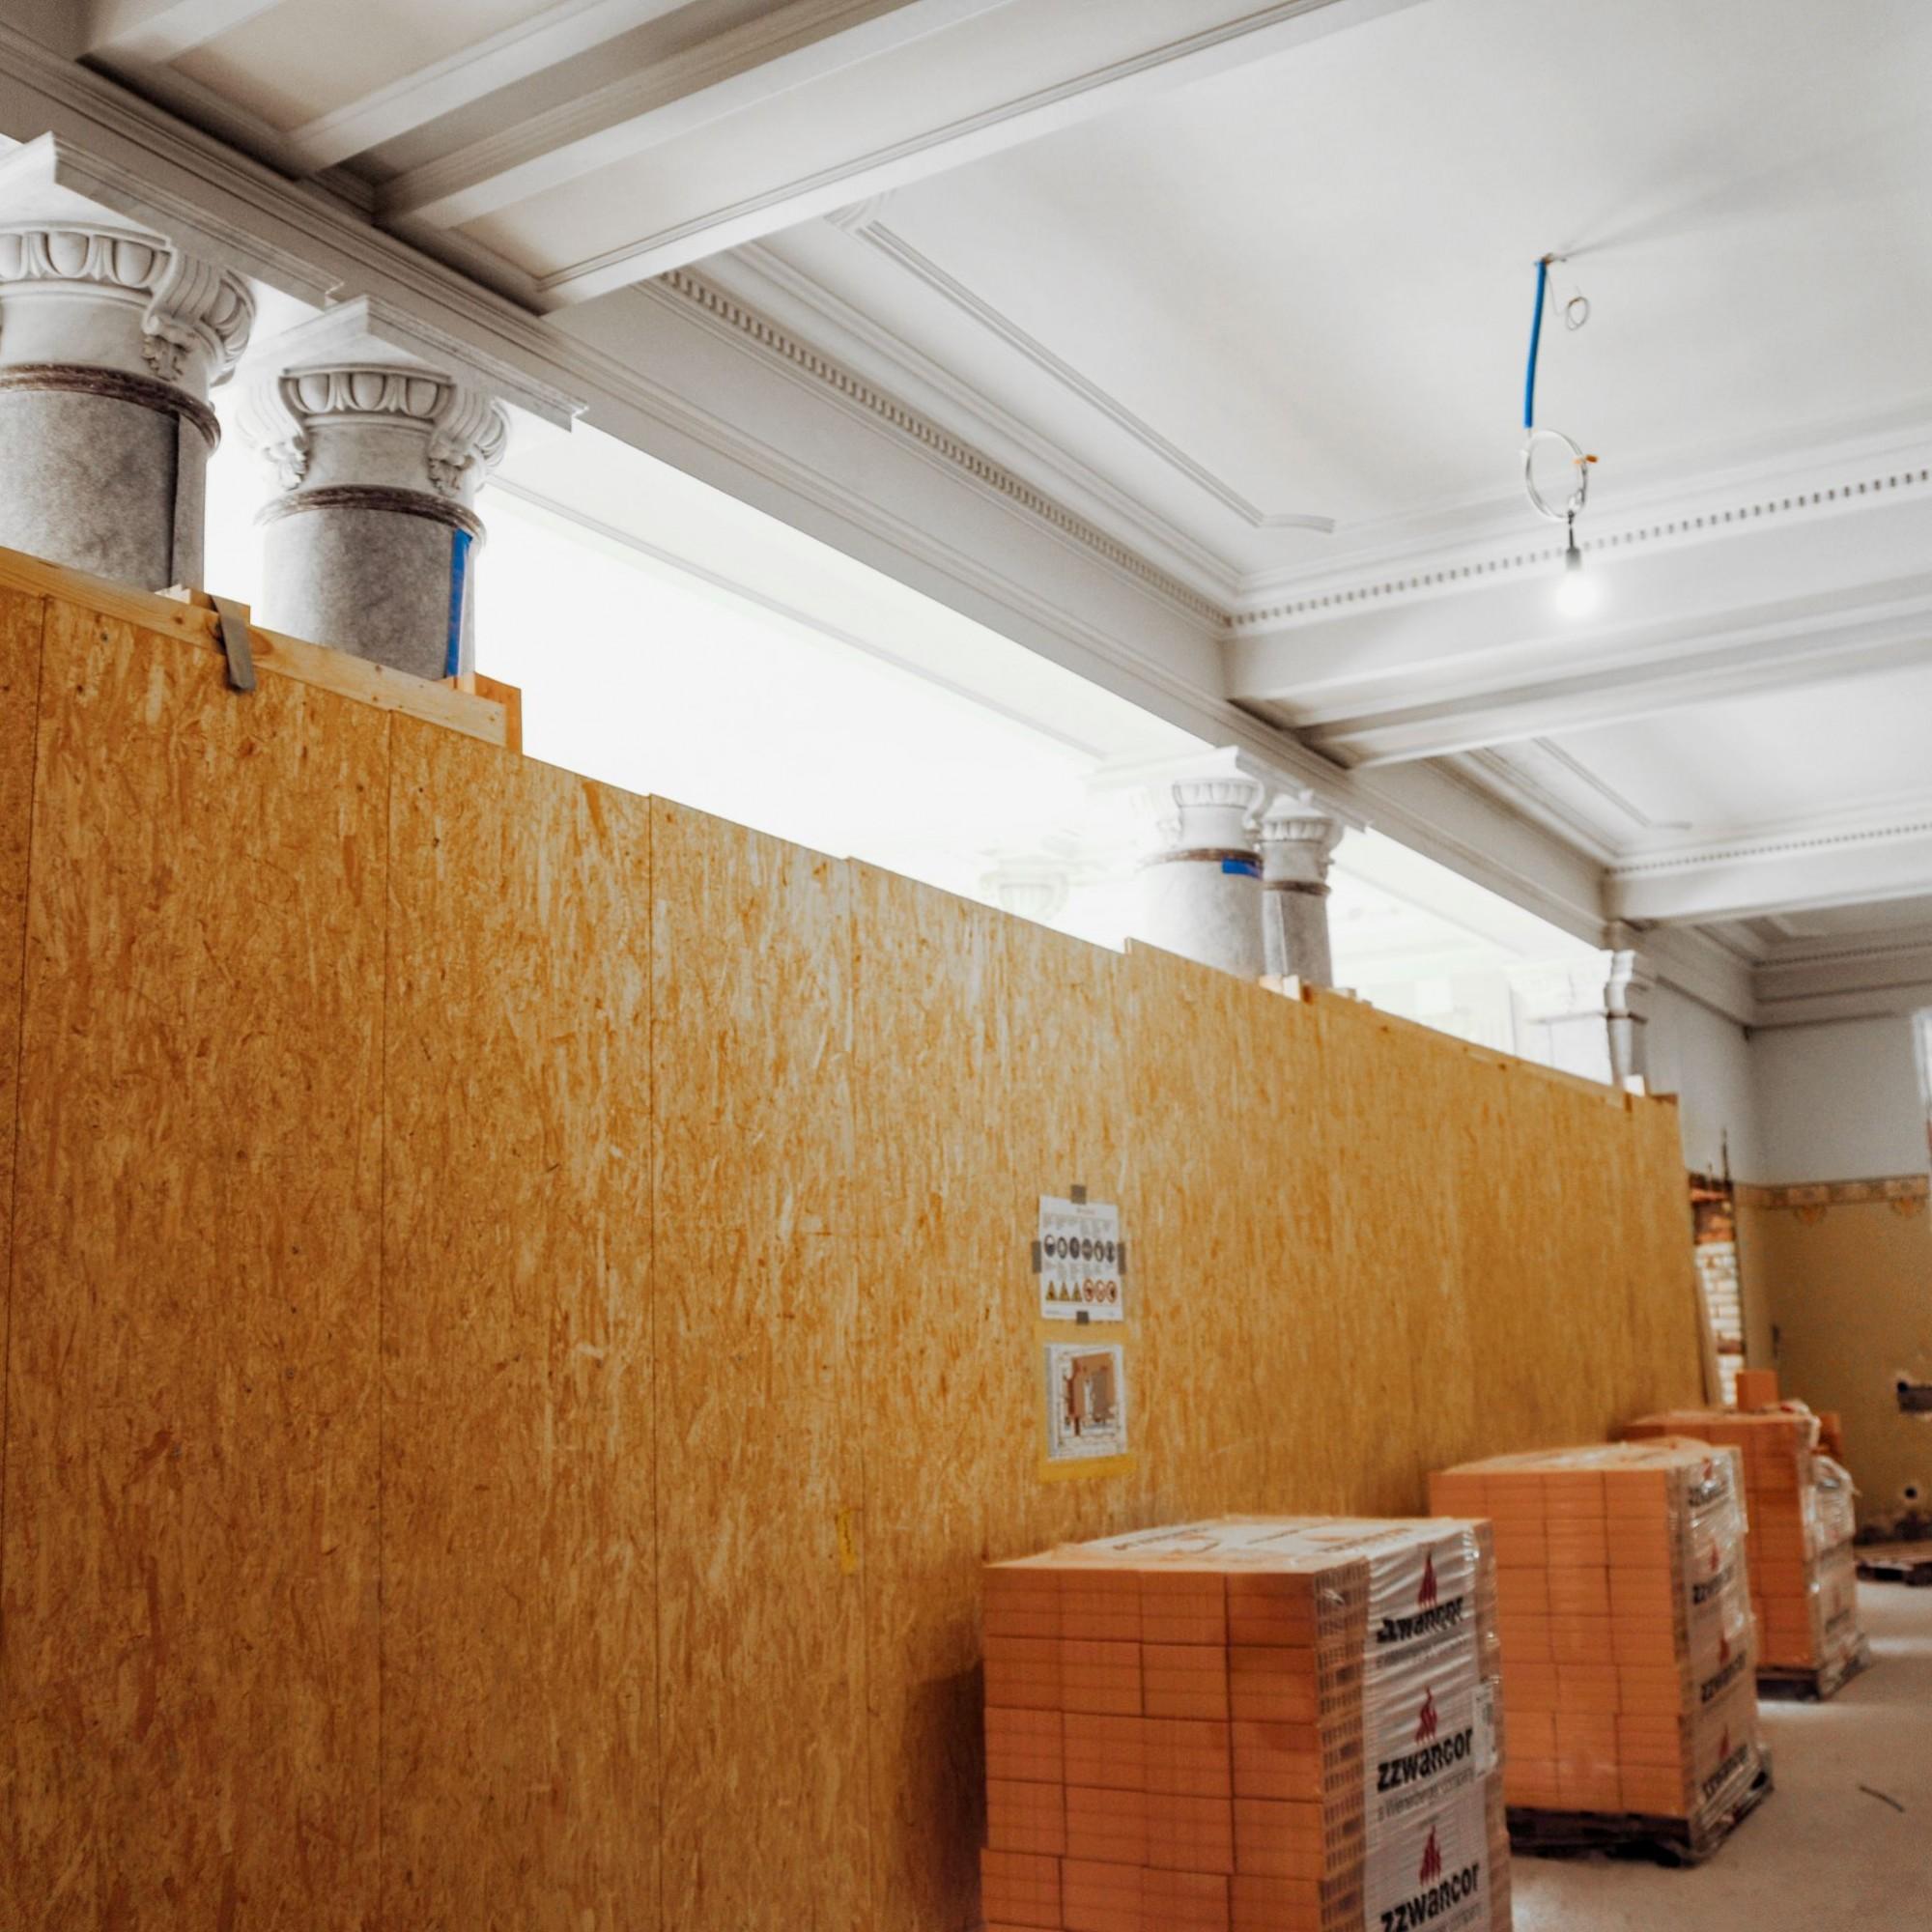 Blick in den Korridor des Verwaltungsgebäudes von 1901. Sowohl an der Gebäudehülle und der Umgebung wie auch im Inneren galt es, die historische Bausubstanz sorgfältig zu sanieren und während der Umbauarbeiten vor Beschädigungen zu schützen.